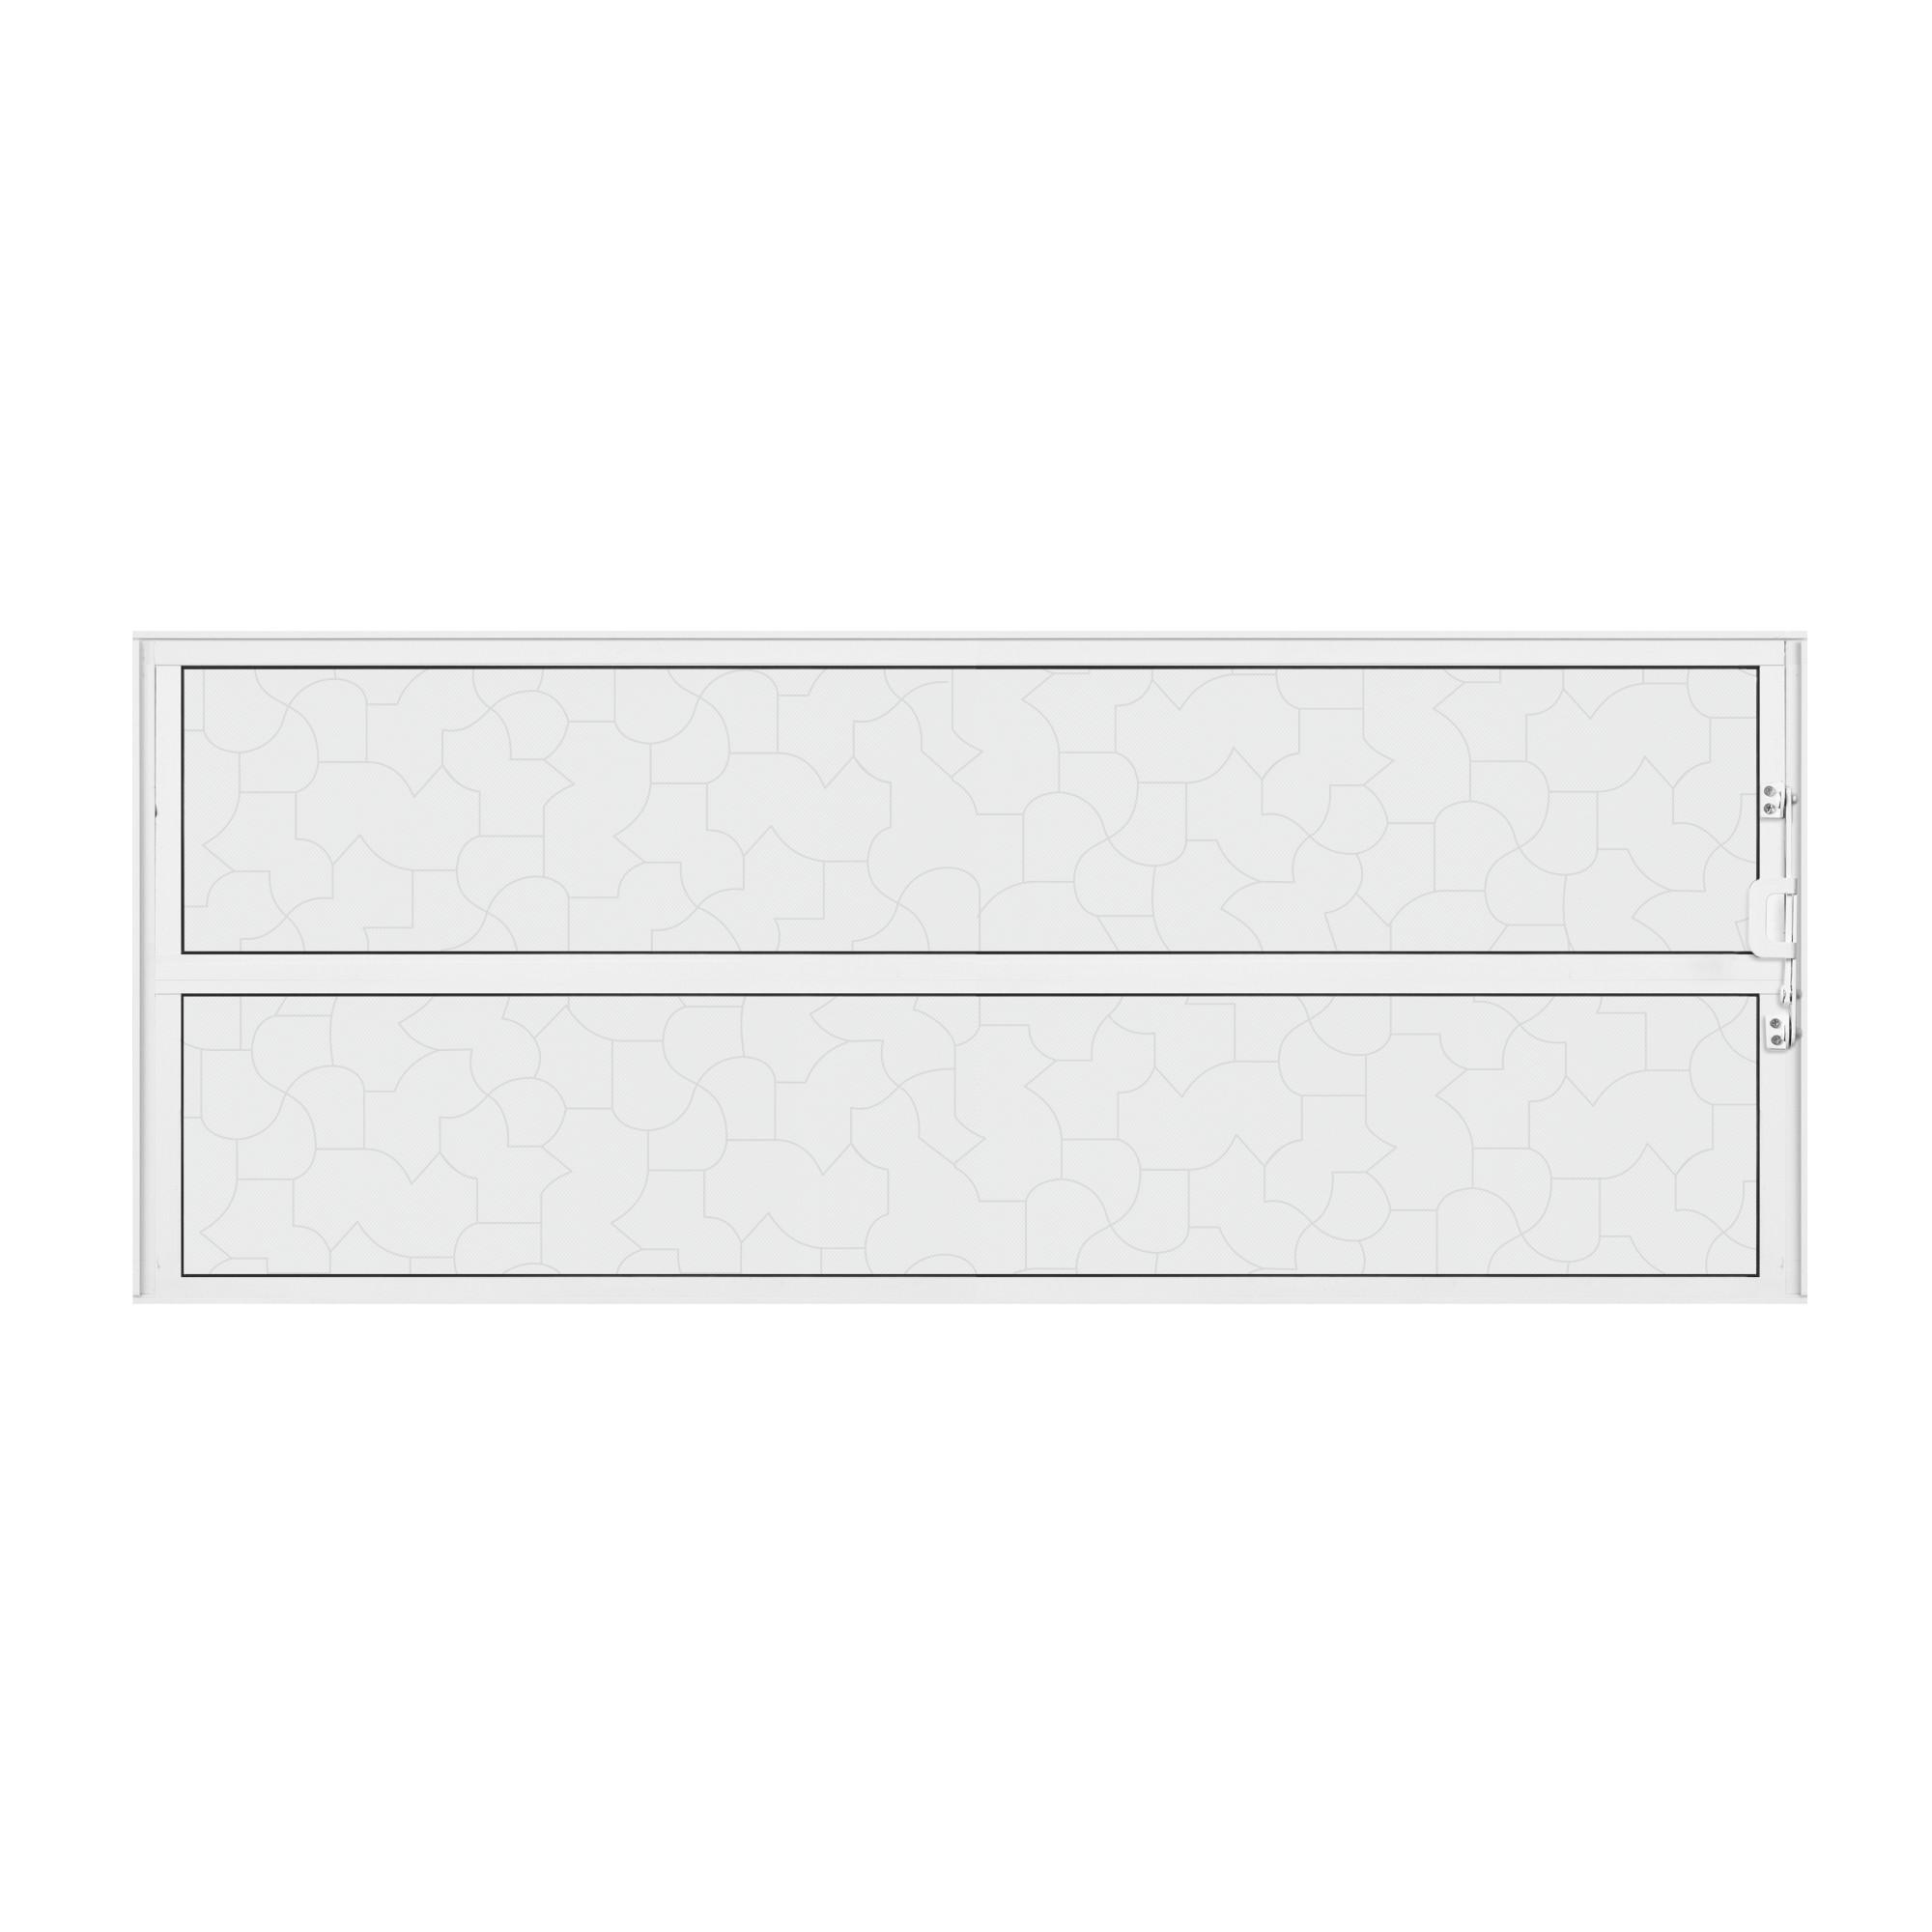 Janela Basculante Aluminio 40x80 cm Branco - Aluvid